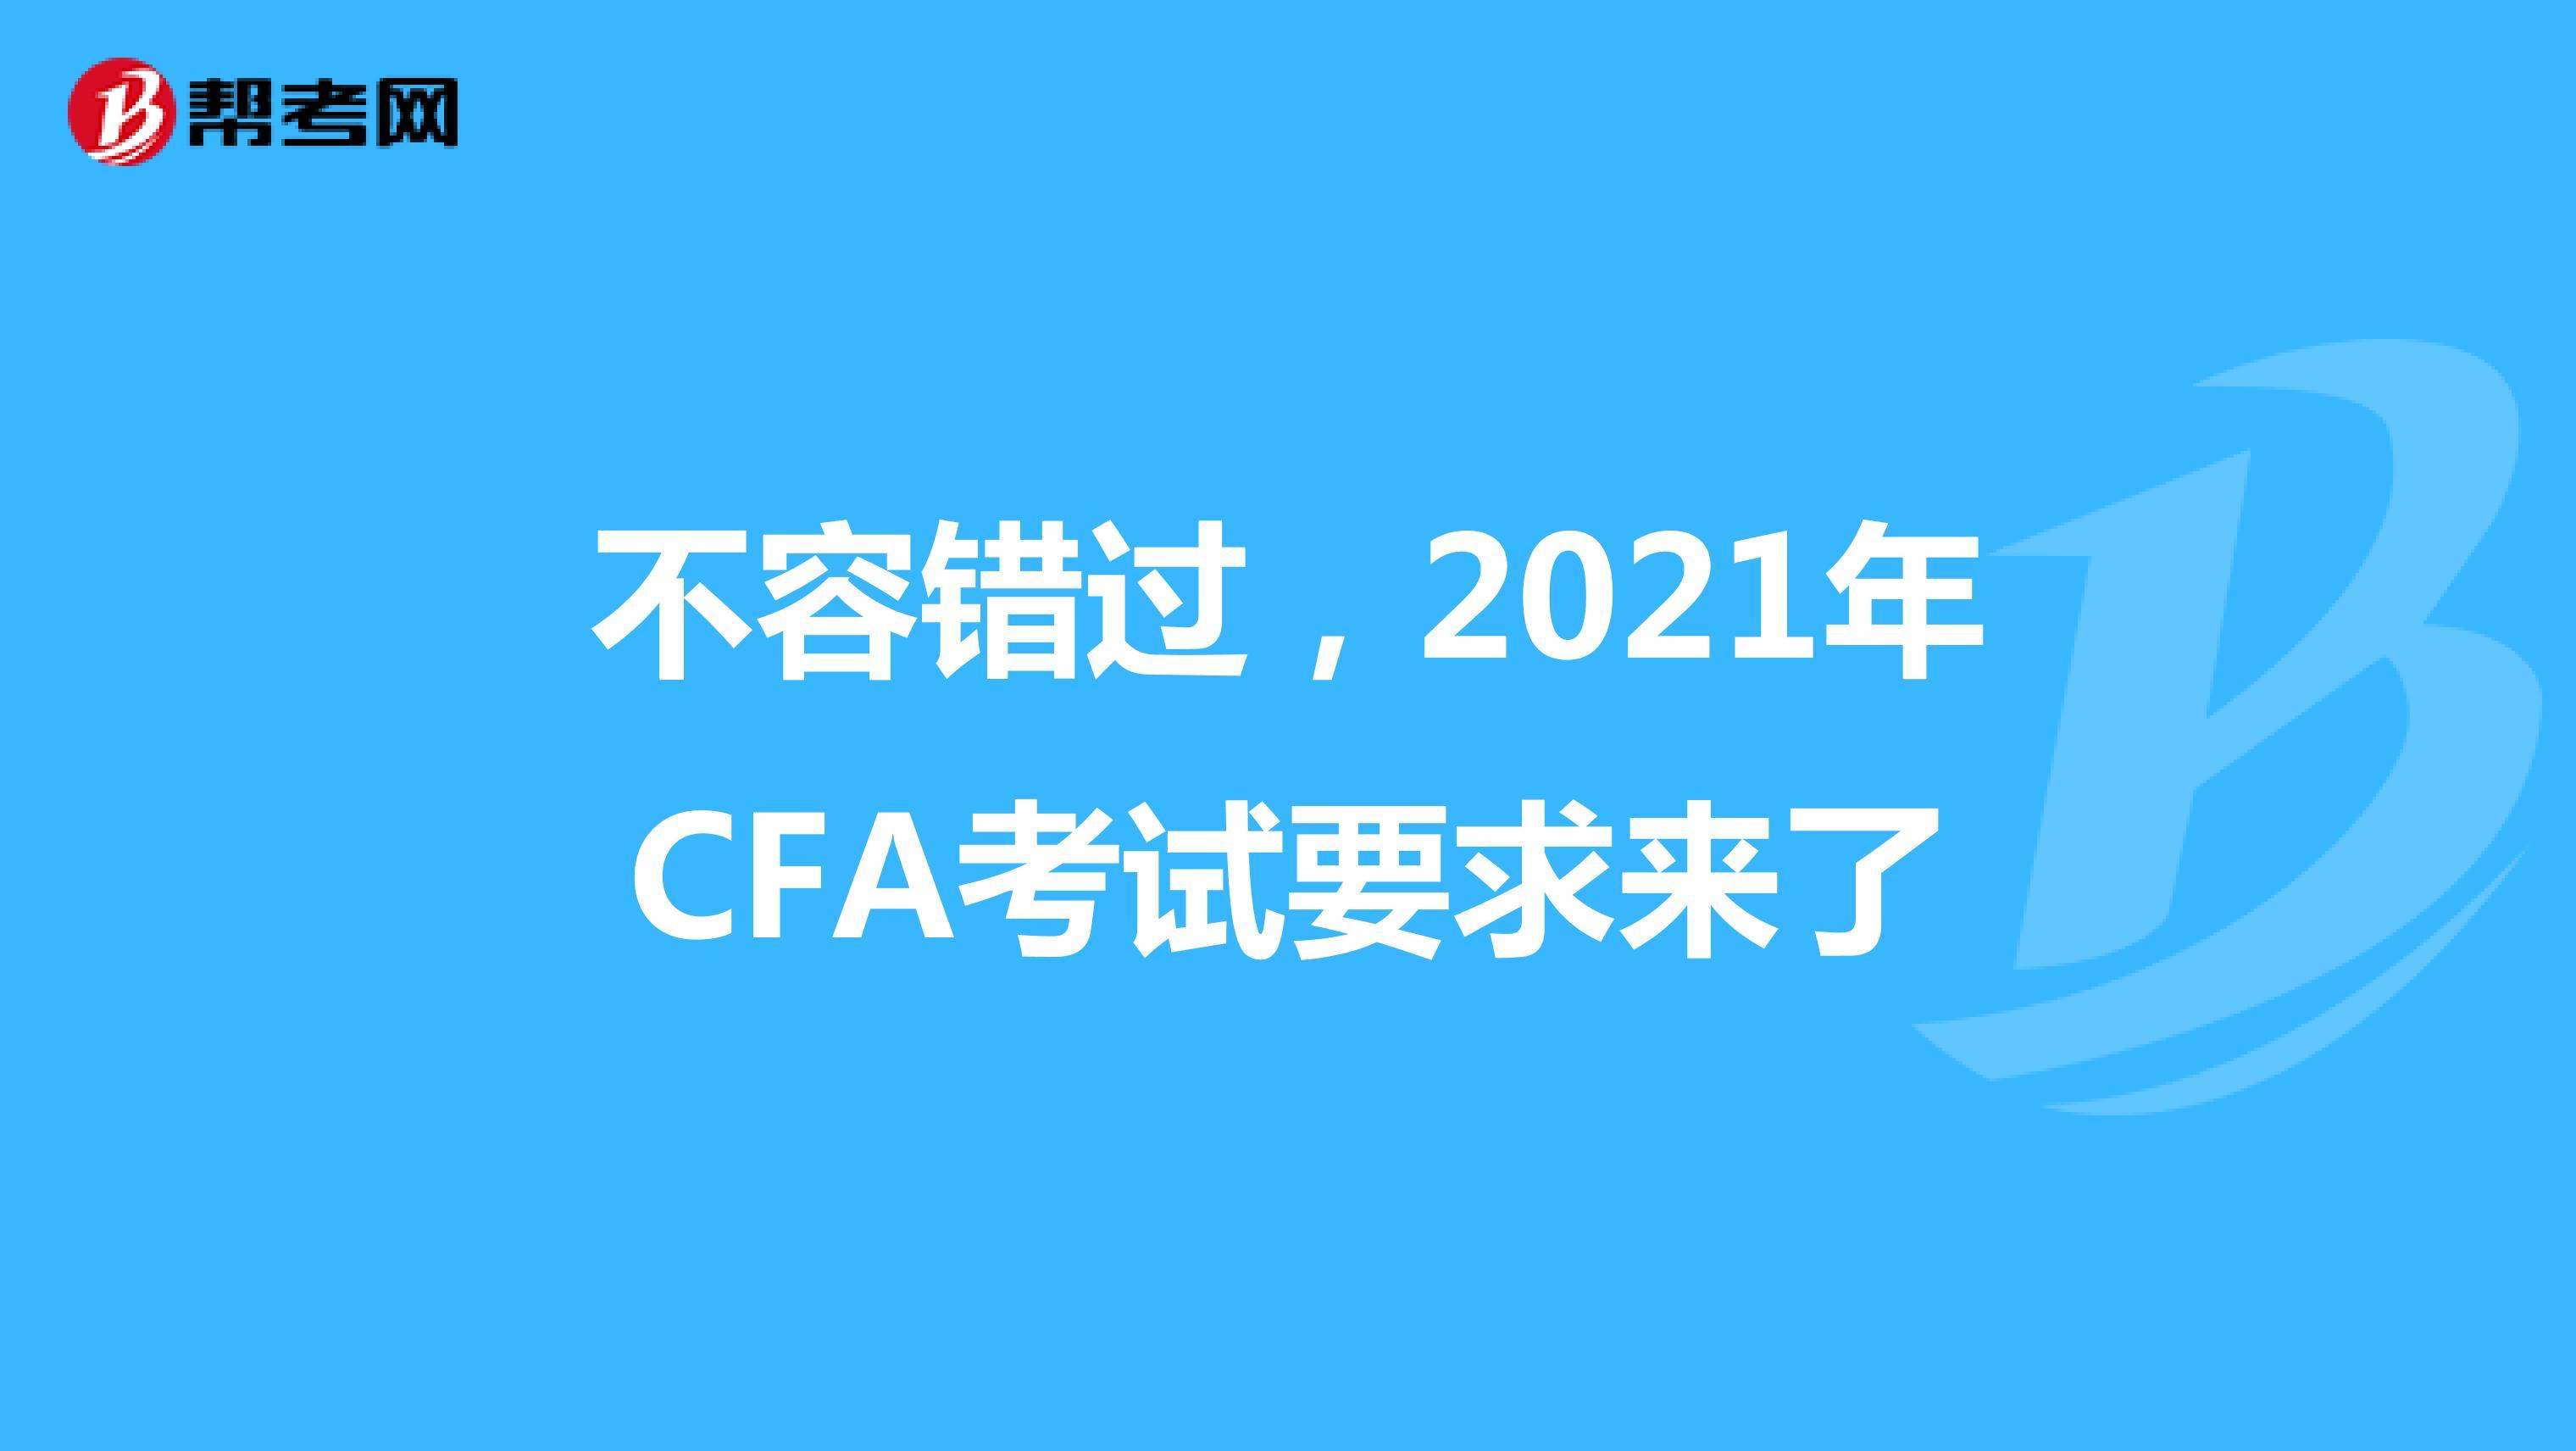 不容錯過,2021年CFA考試要求來了